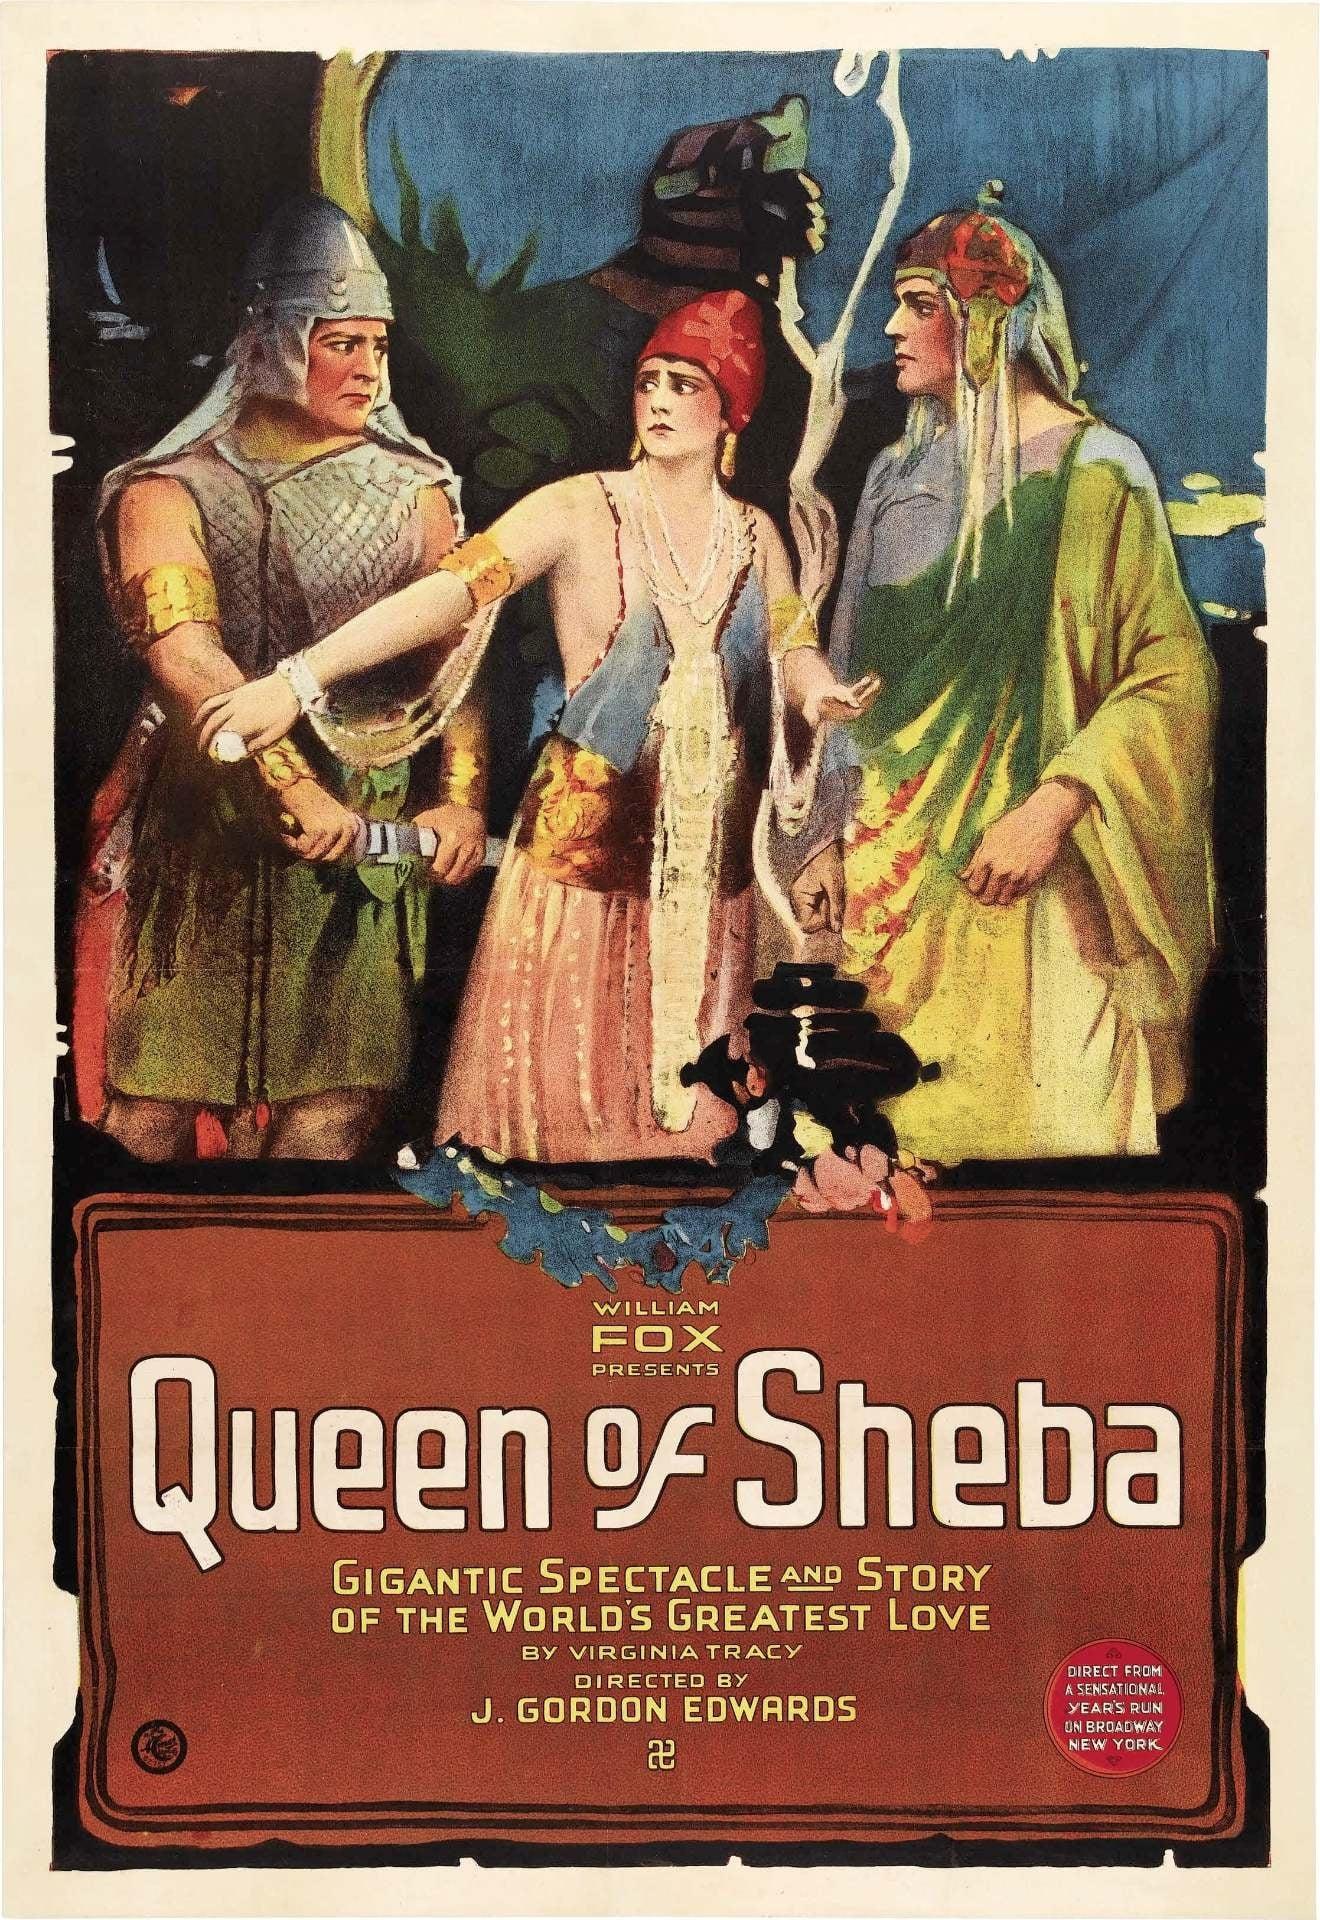 The Queen of Sheba (1921)